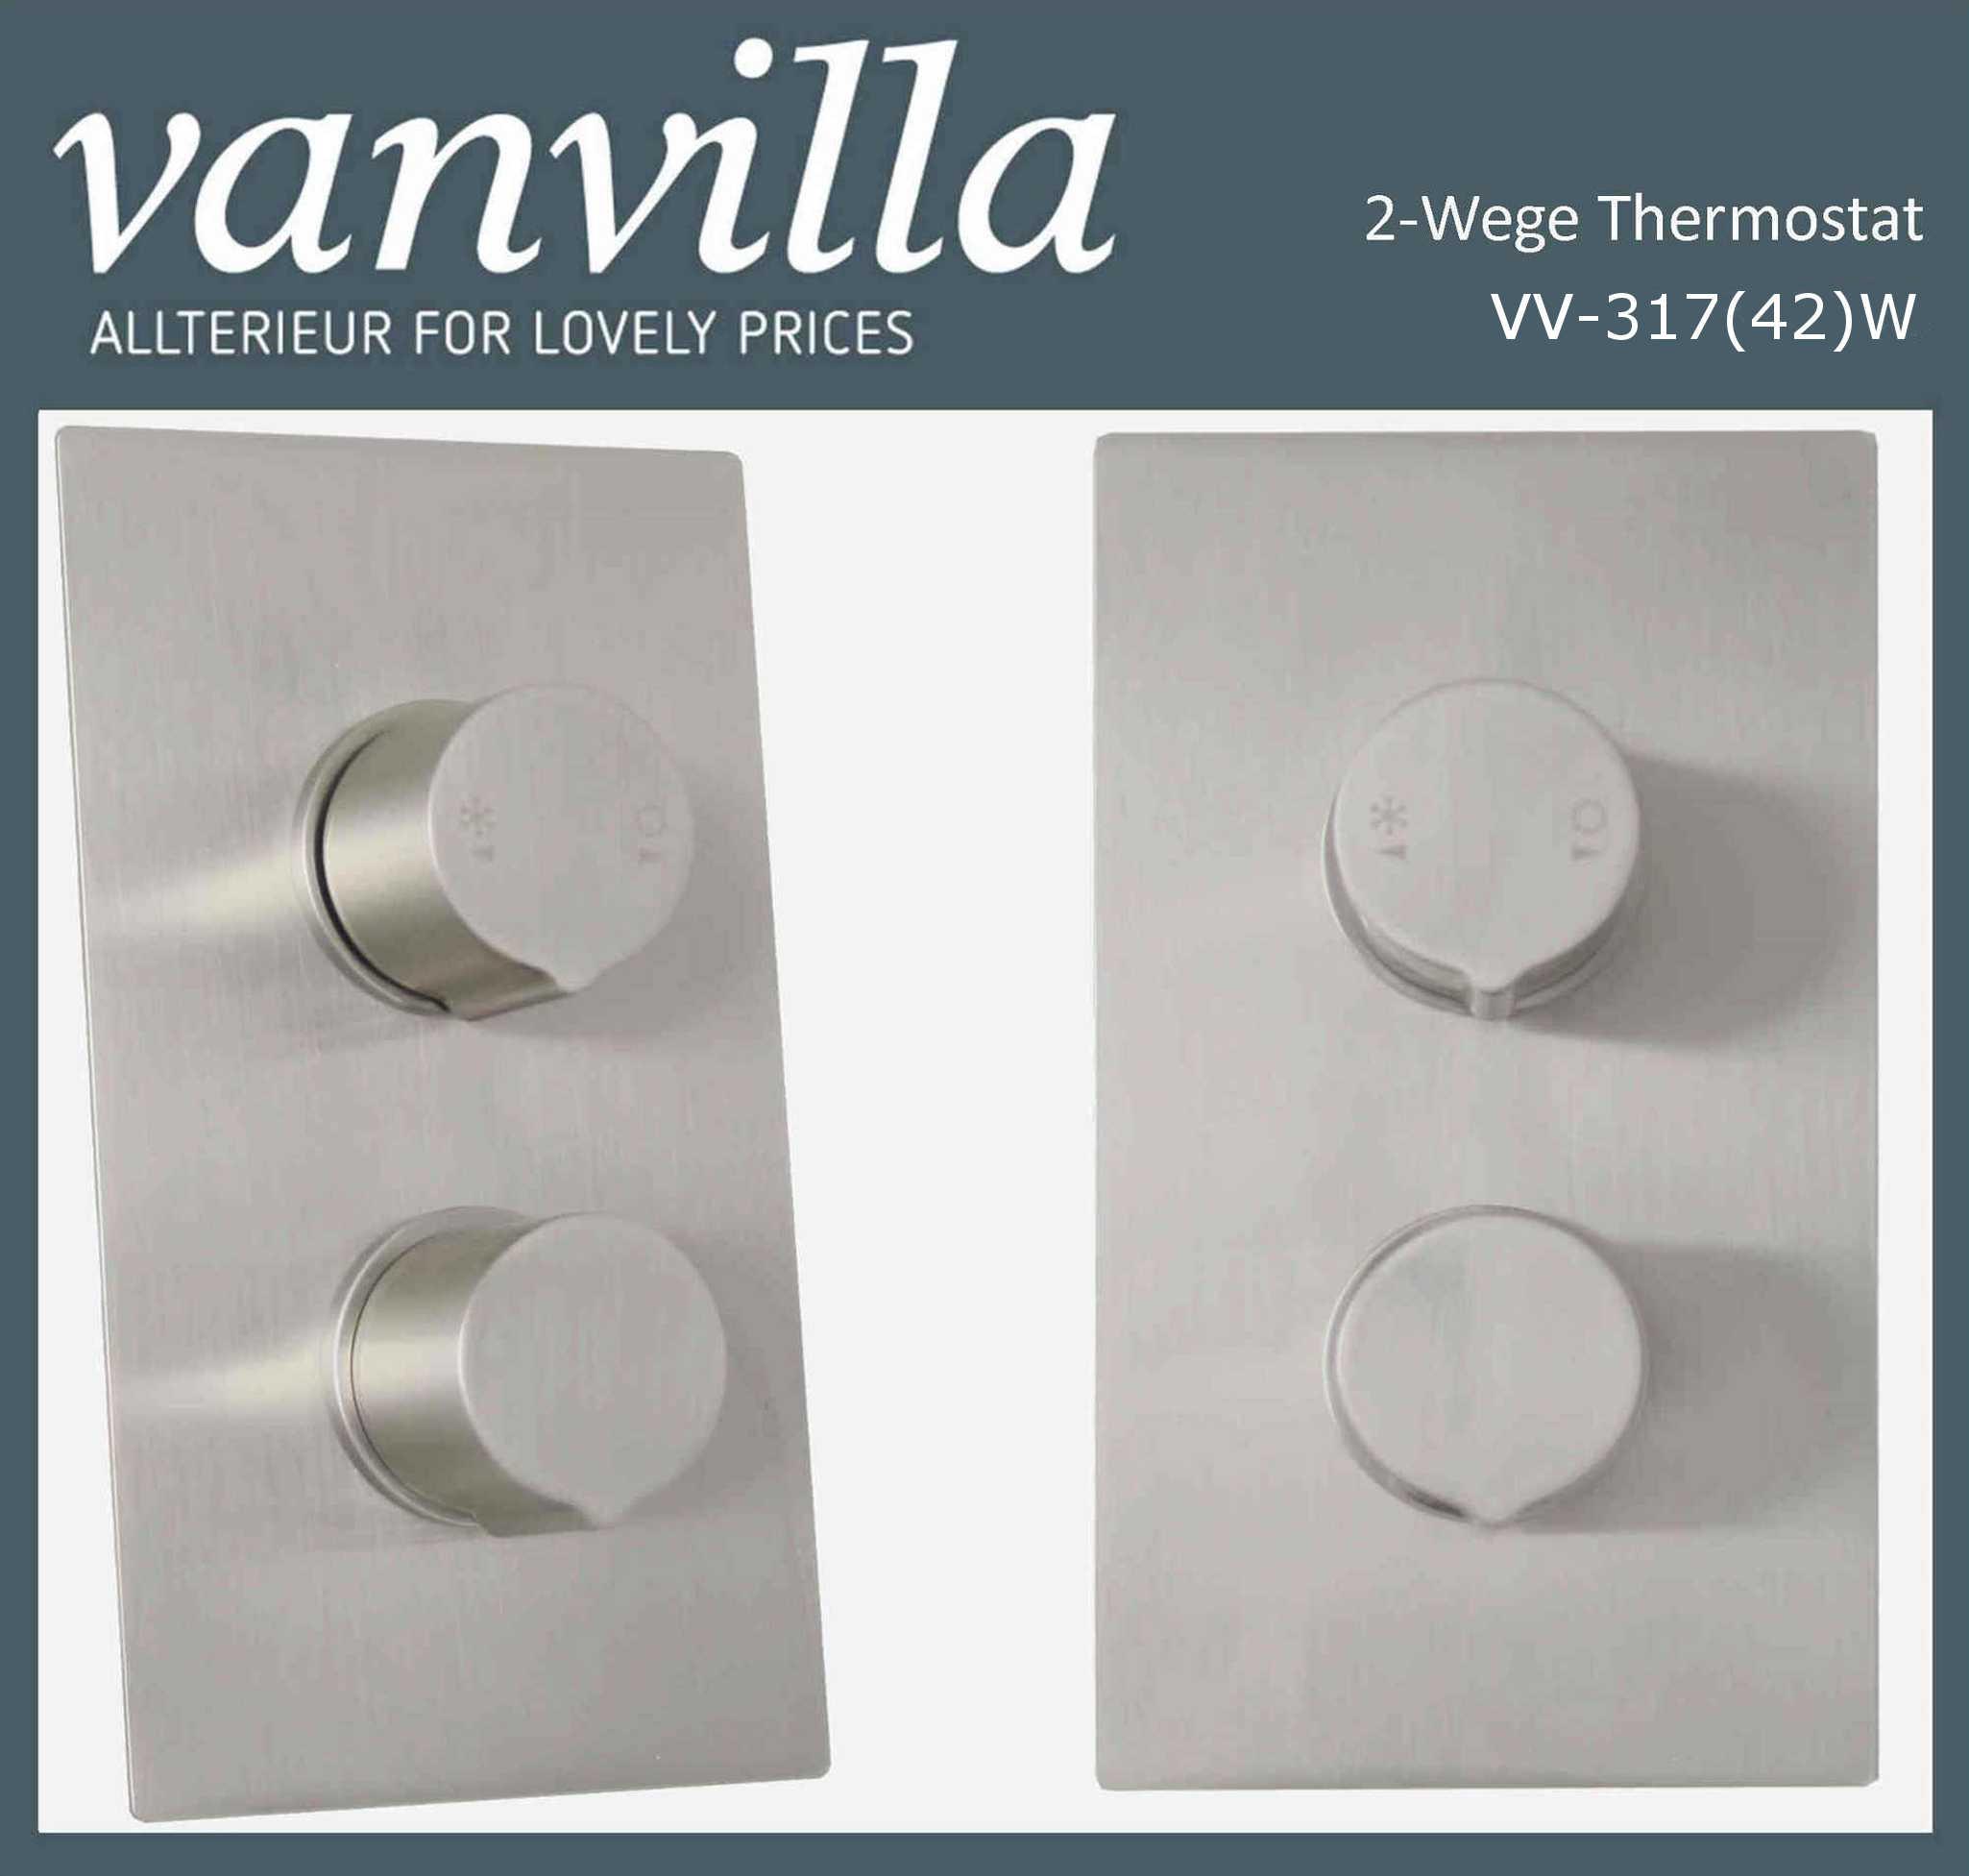 Relativ Unterputzarmatur 2-Wege SL0317(42), Thermostat, brushed CO43